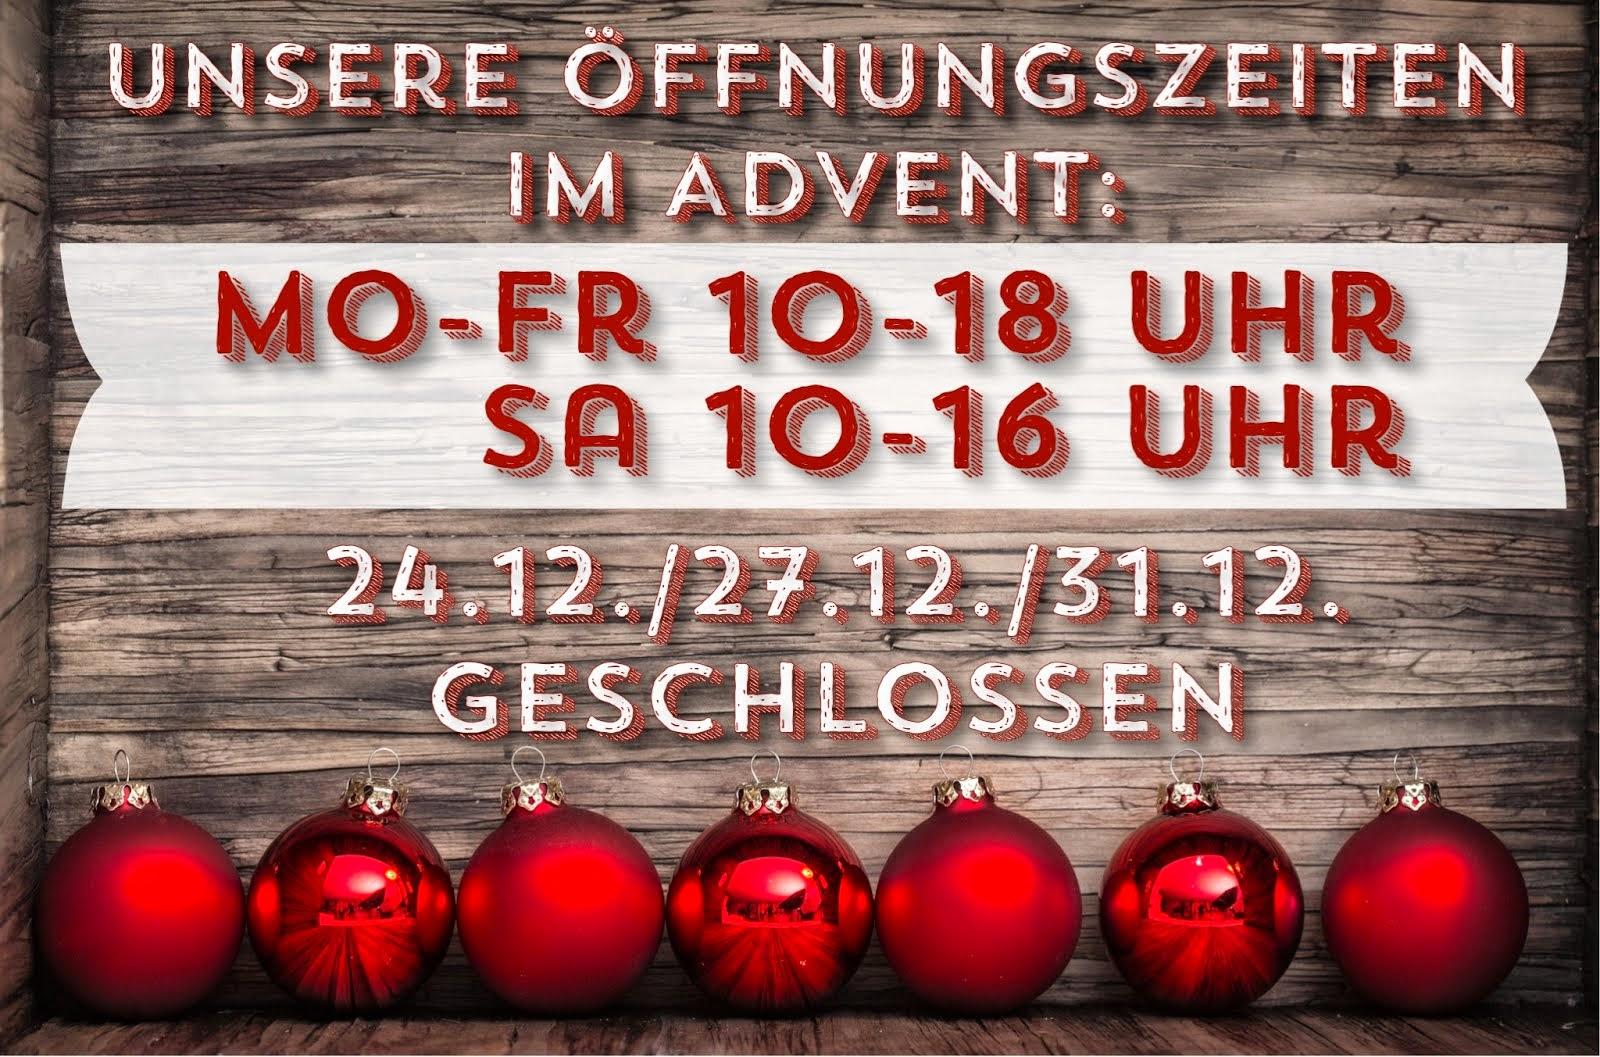 Unsere Öffnungszeiten im Advent: